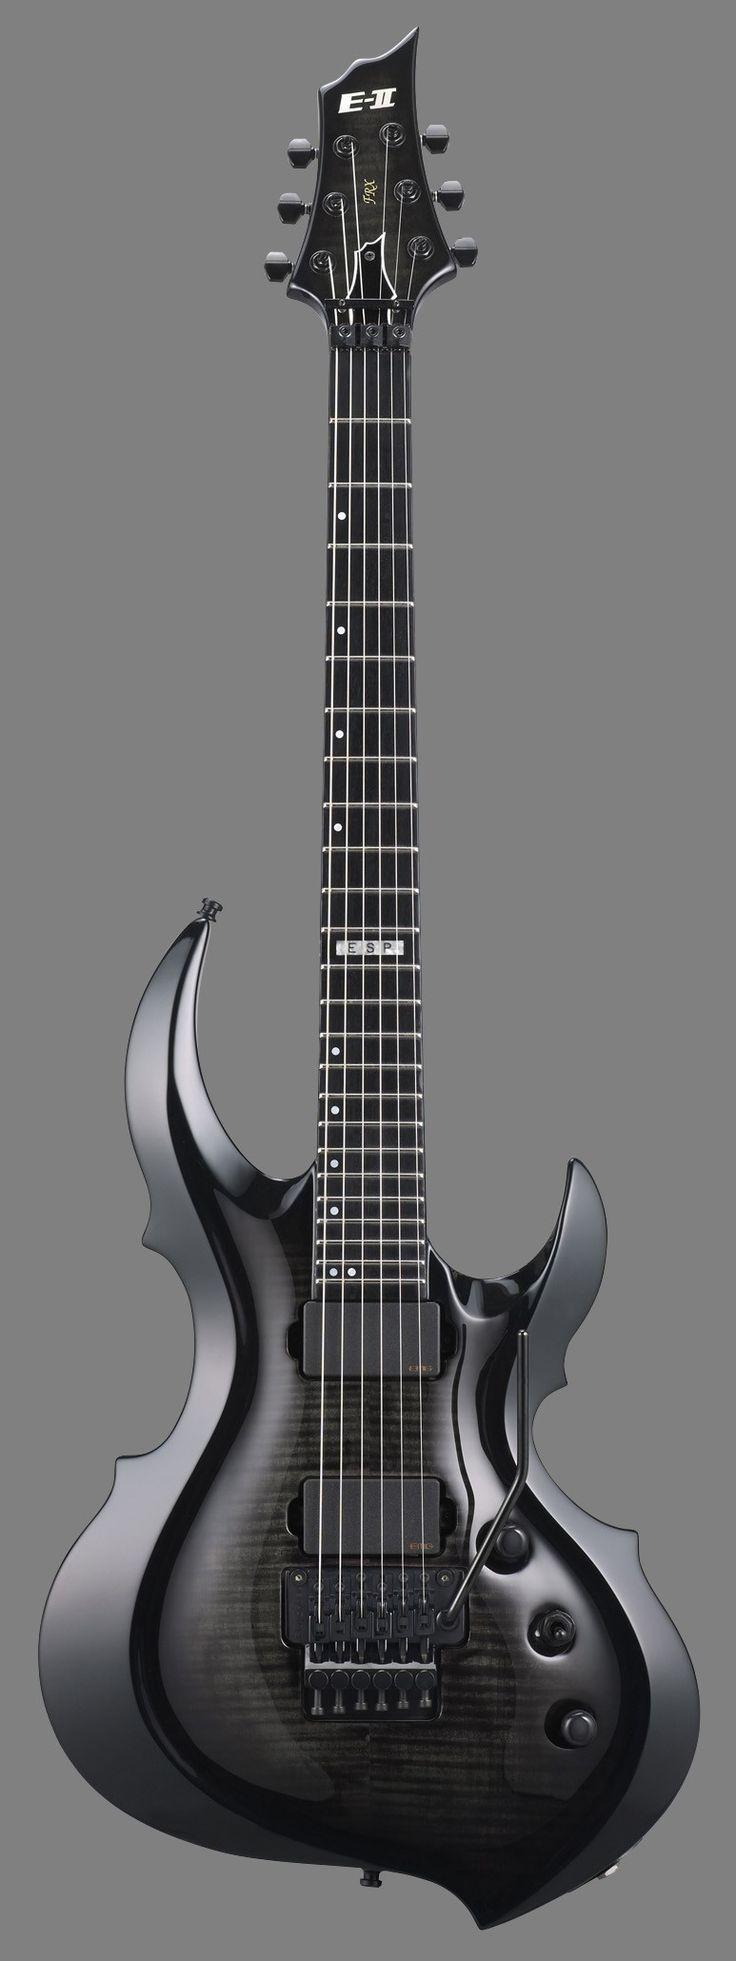 esp e ii frx fm forest guitar see thru black burst guitar 39 s and misc instrument 39 s. Black Bedroom Furniture Sets. Home Design Ideas